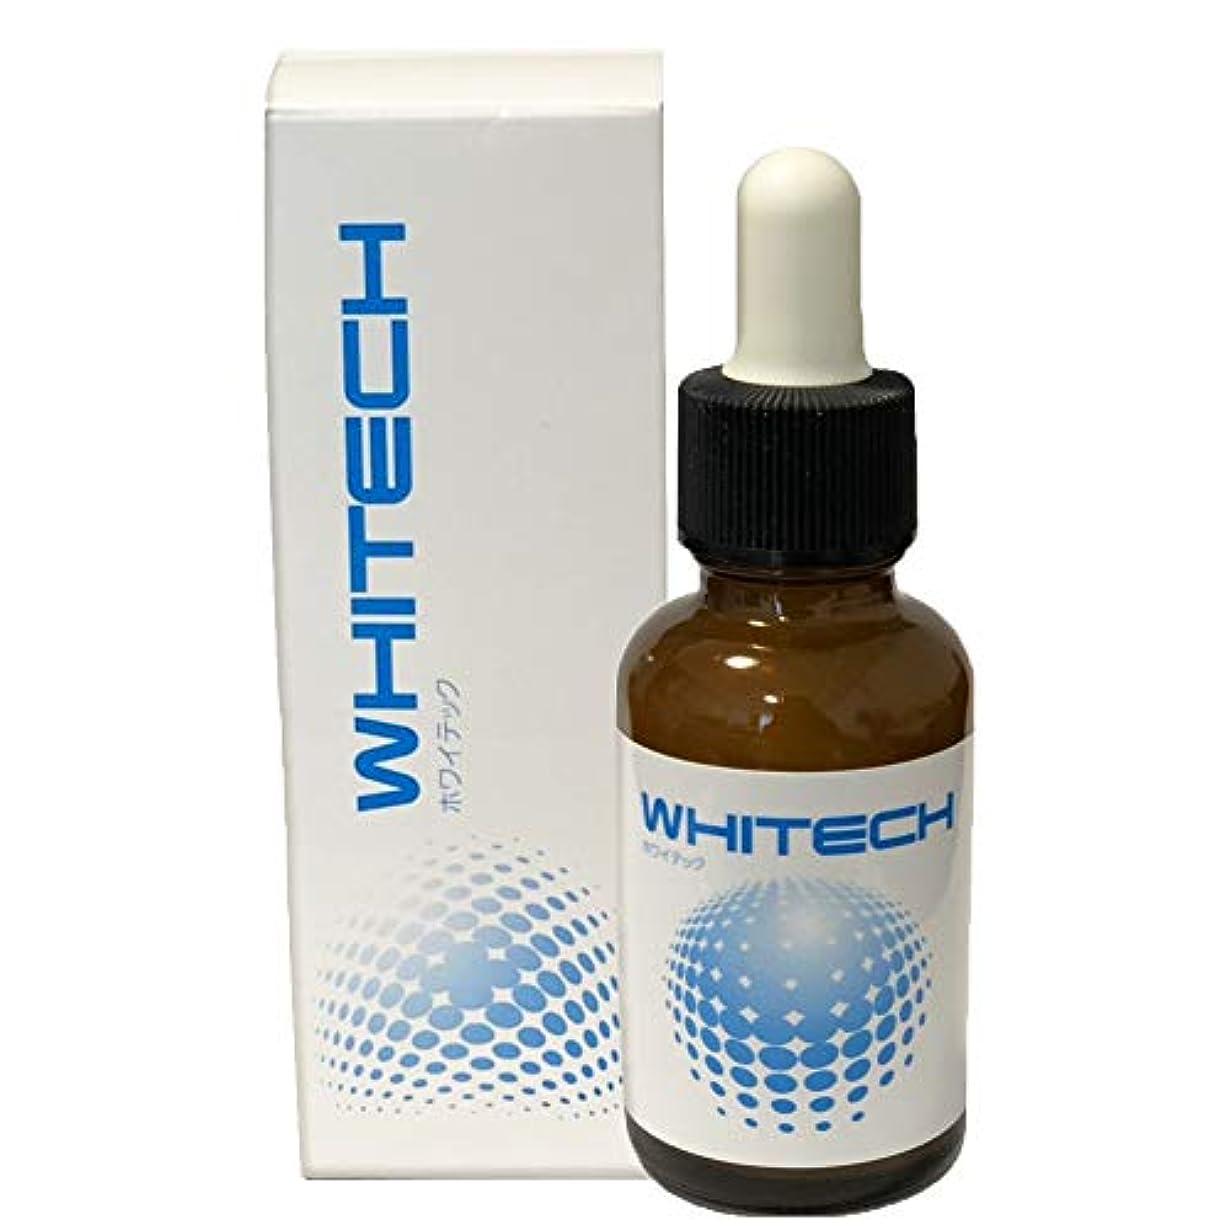 消化器小間骨【医薬部外品】WHITECH -ホワイテック- 薬用ホワイトニングジェル 歯磨きジェル